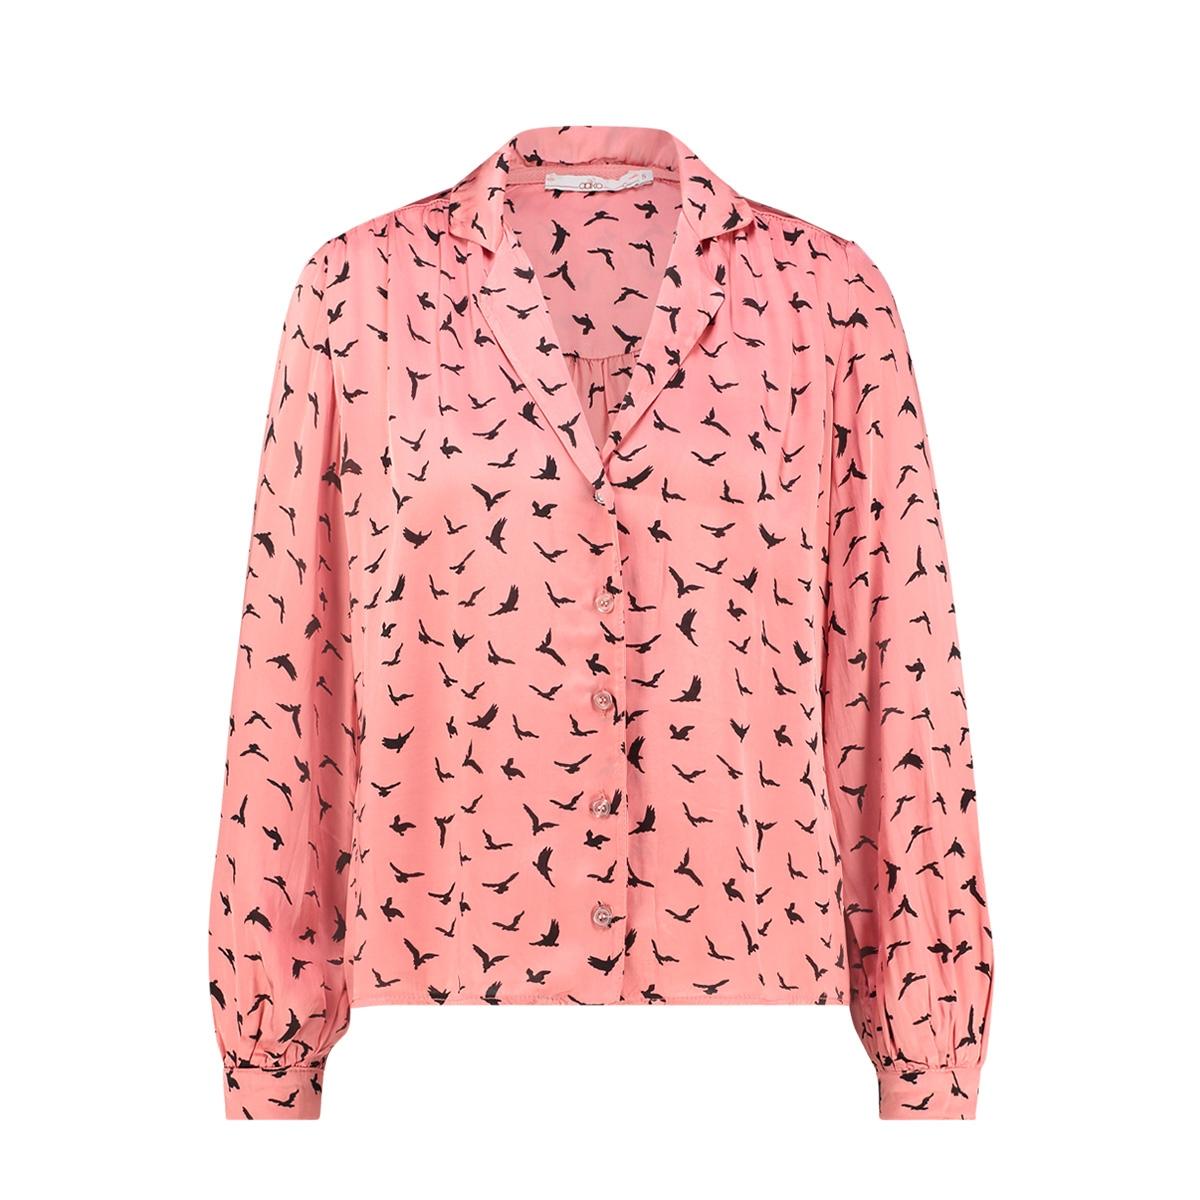 adira bird vis 520 aaiko blouse 161720 begonia